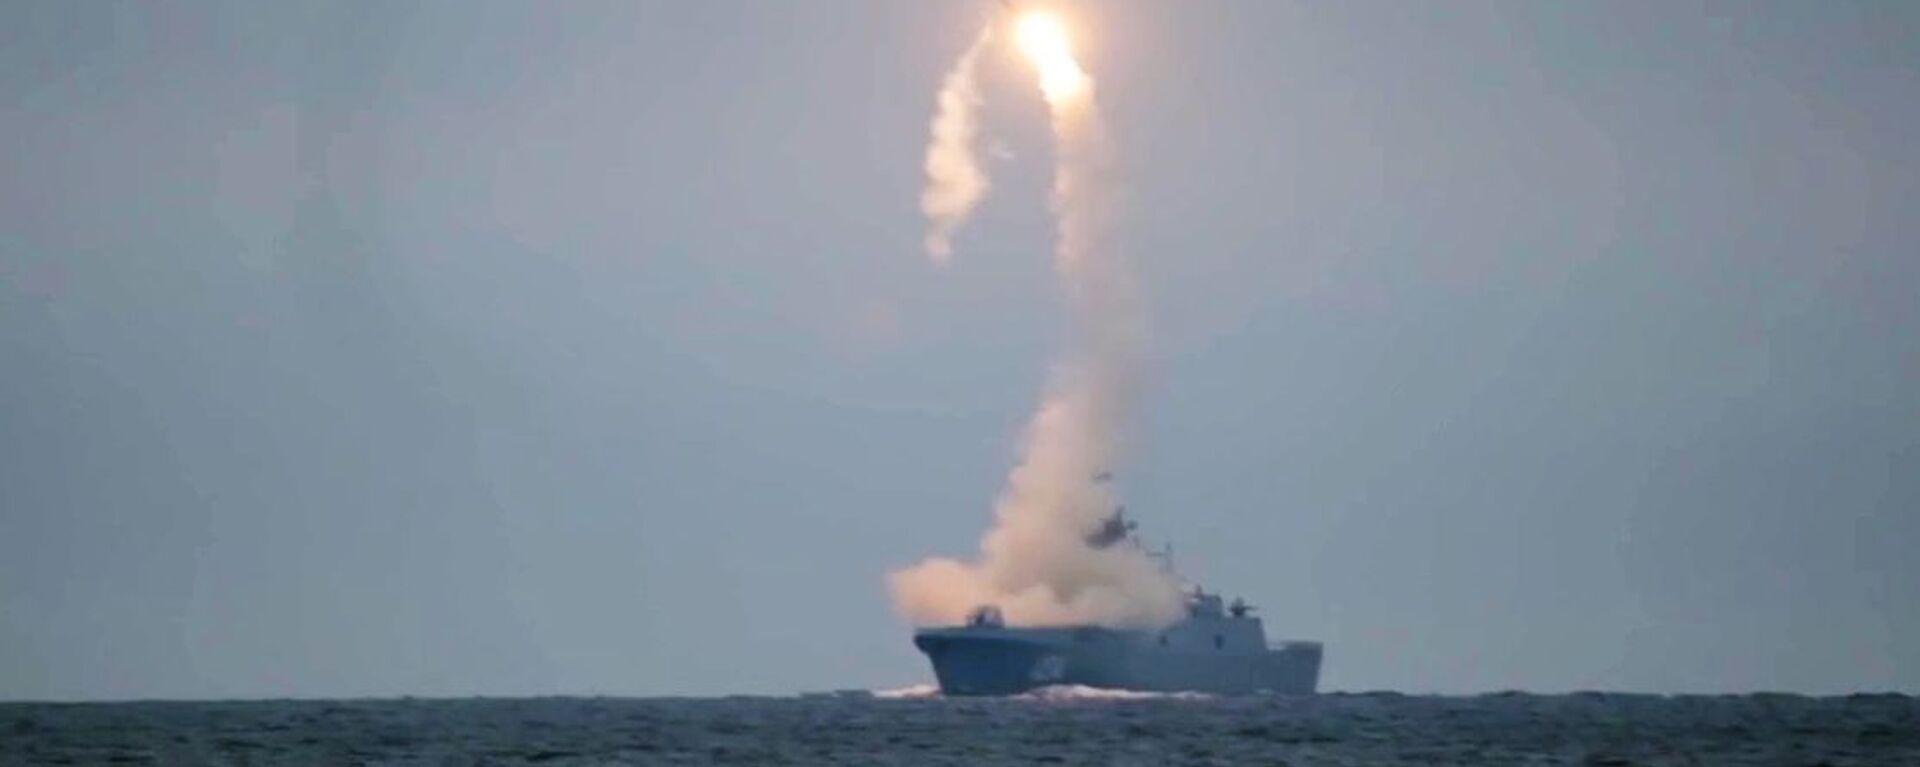 """Lần đầu tiên phóng tên lửa siêu thanh Zircon từ tàu """"Đô đốc Gorshkov - Sputnik Việt Nam, 1920, 29.03.2021"""